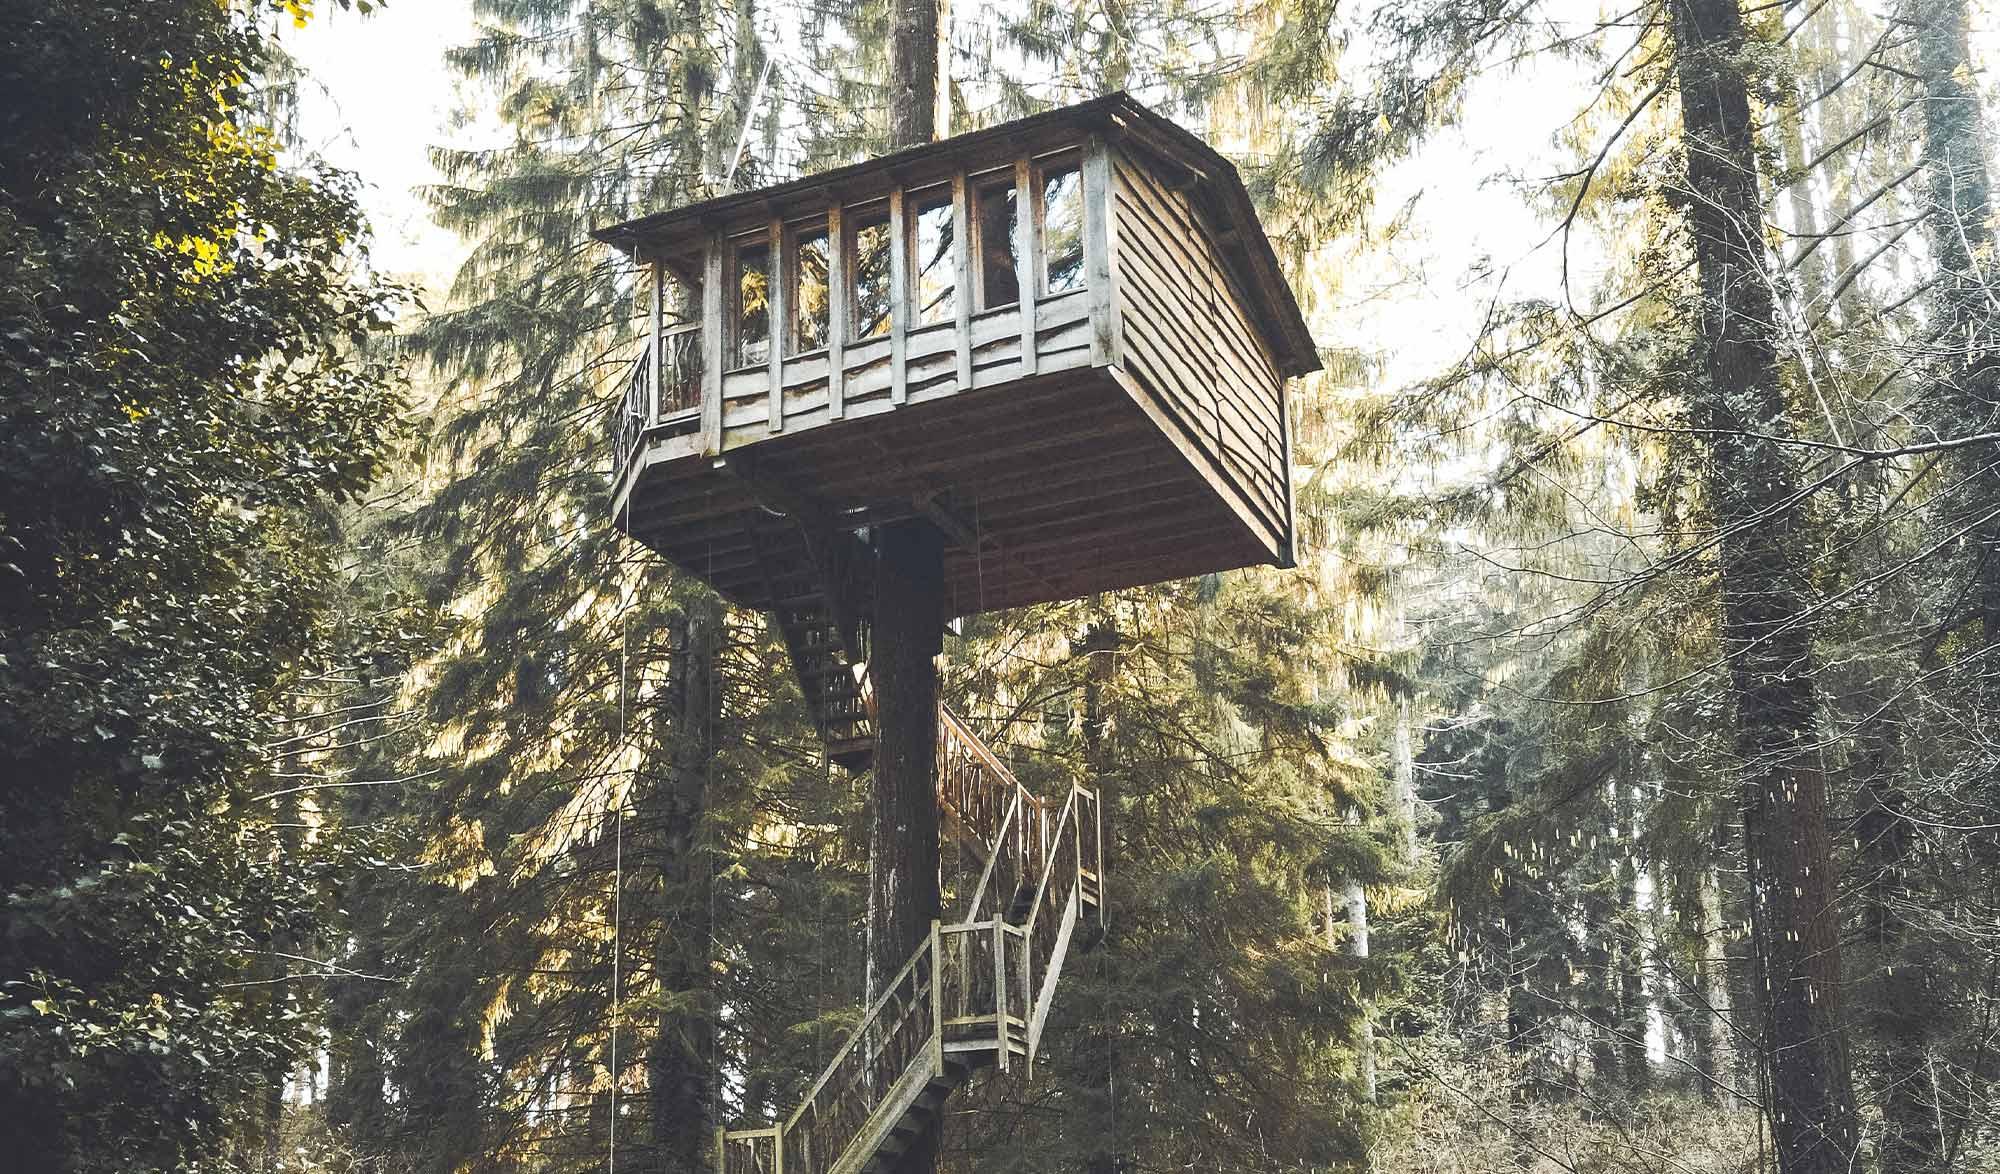 Cabane perchée dans un arbre